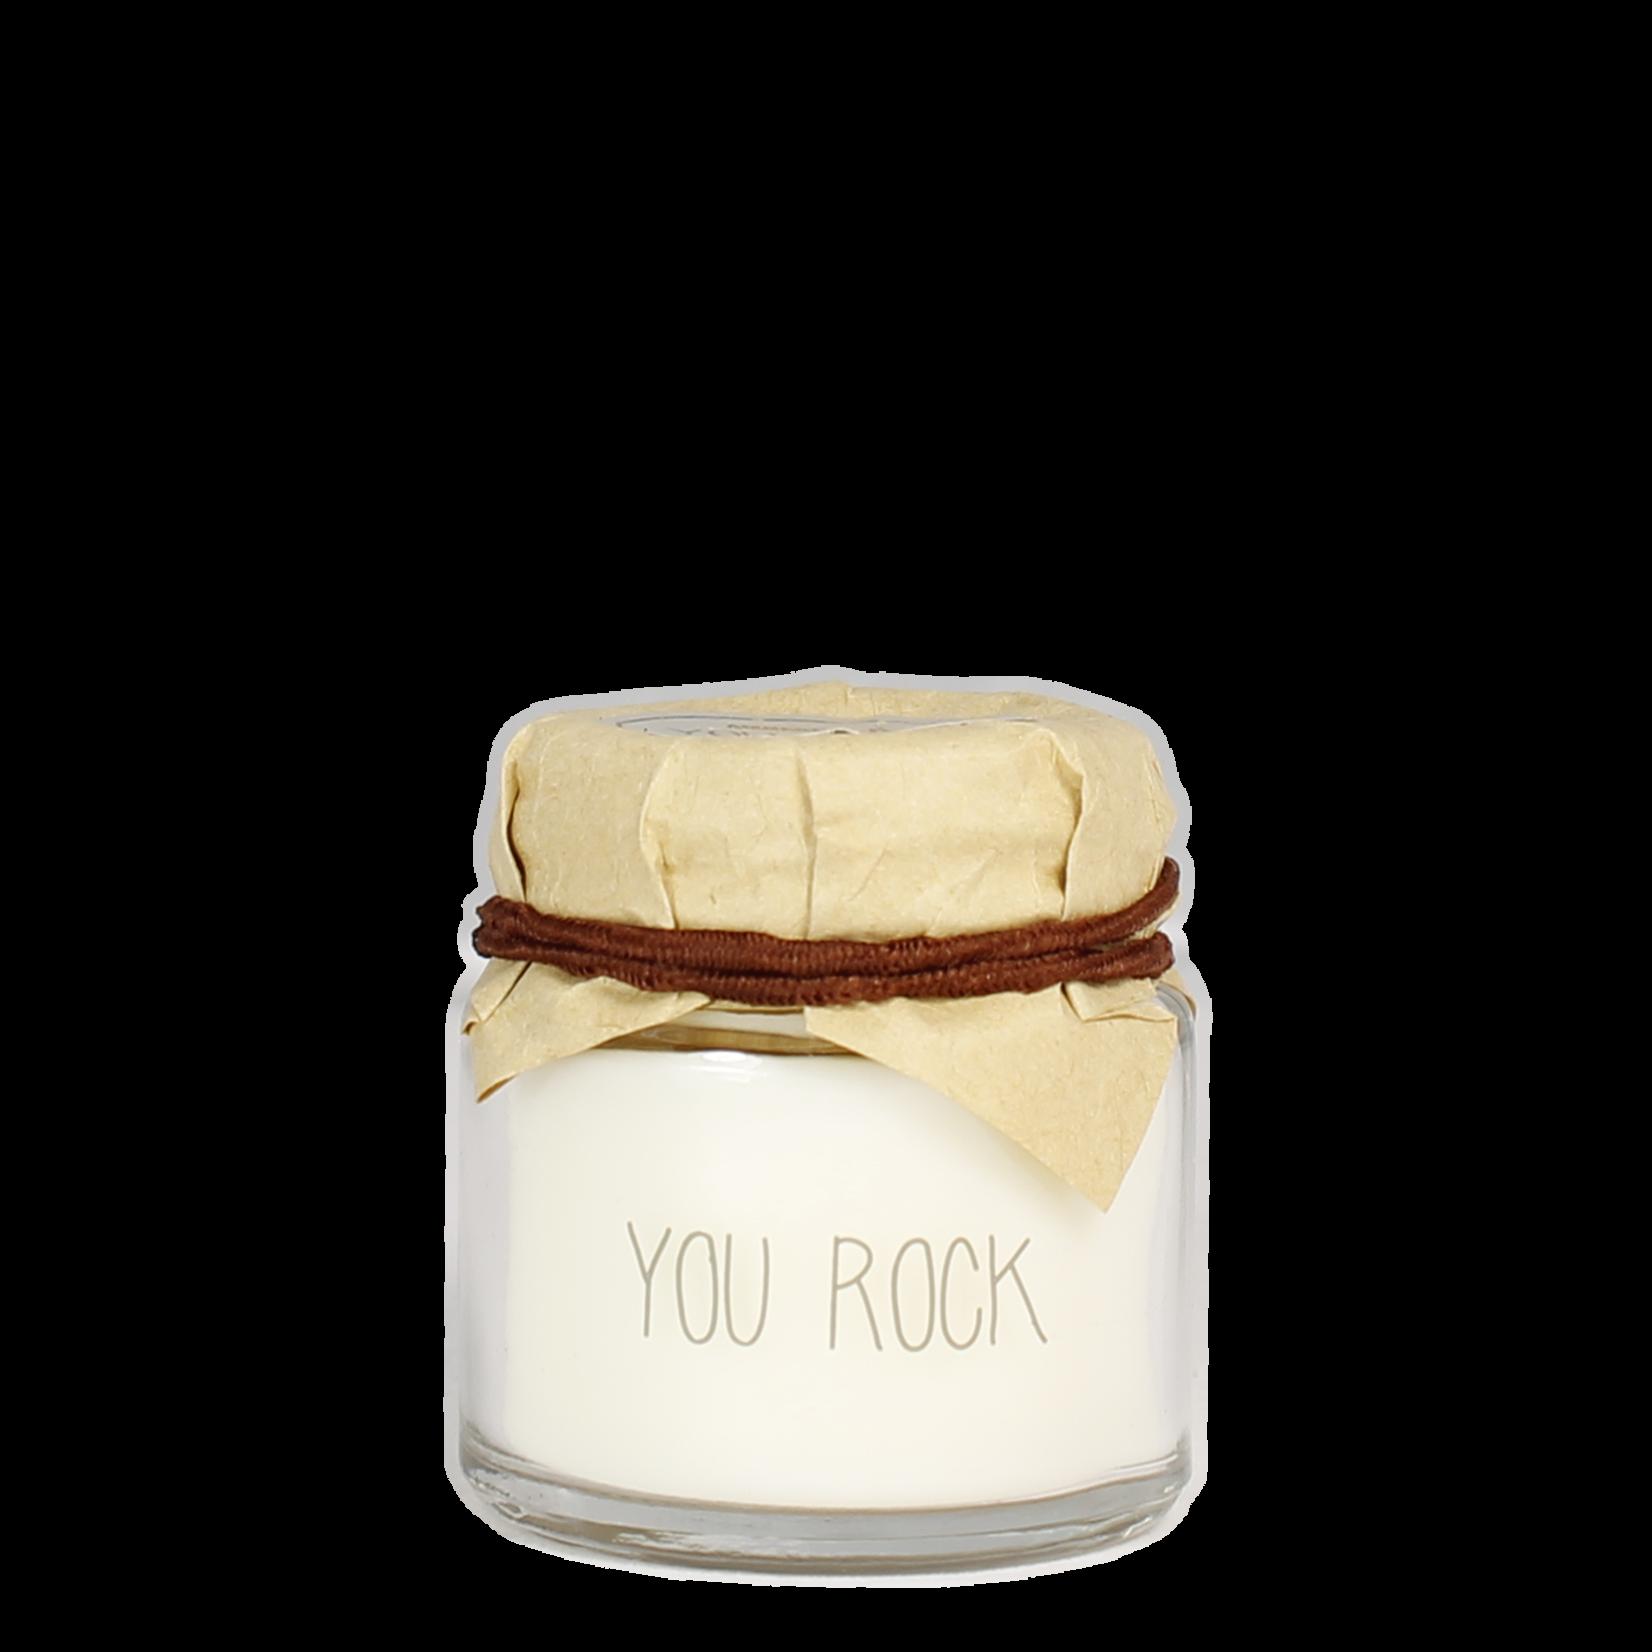 My Flame Sojakaarsje in glas - You Rock